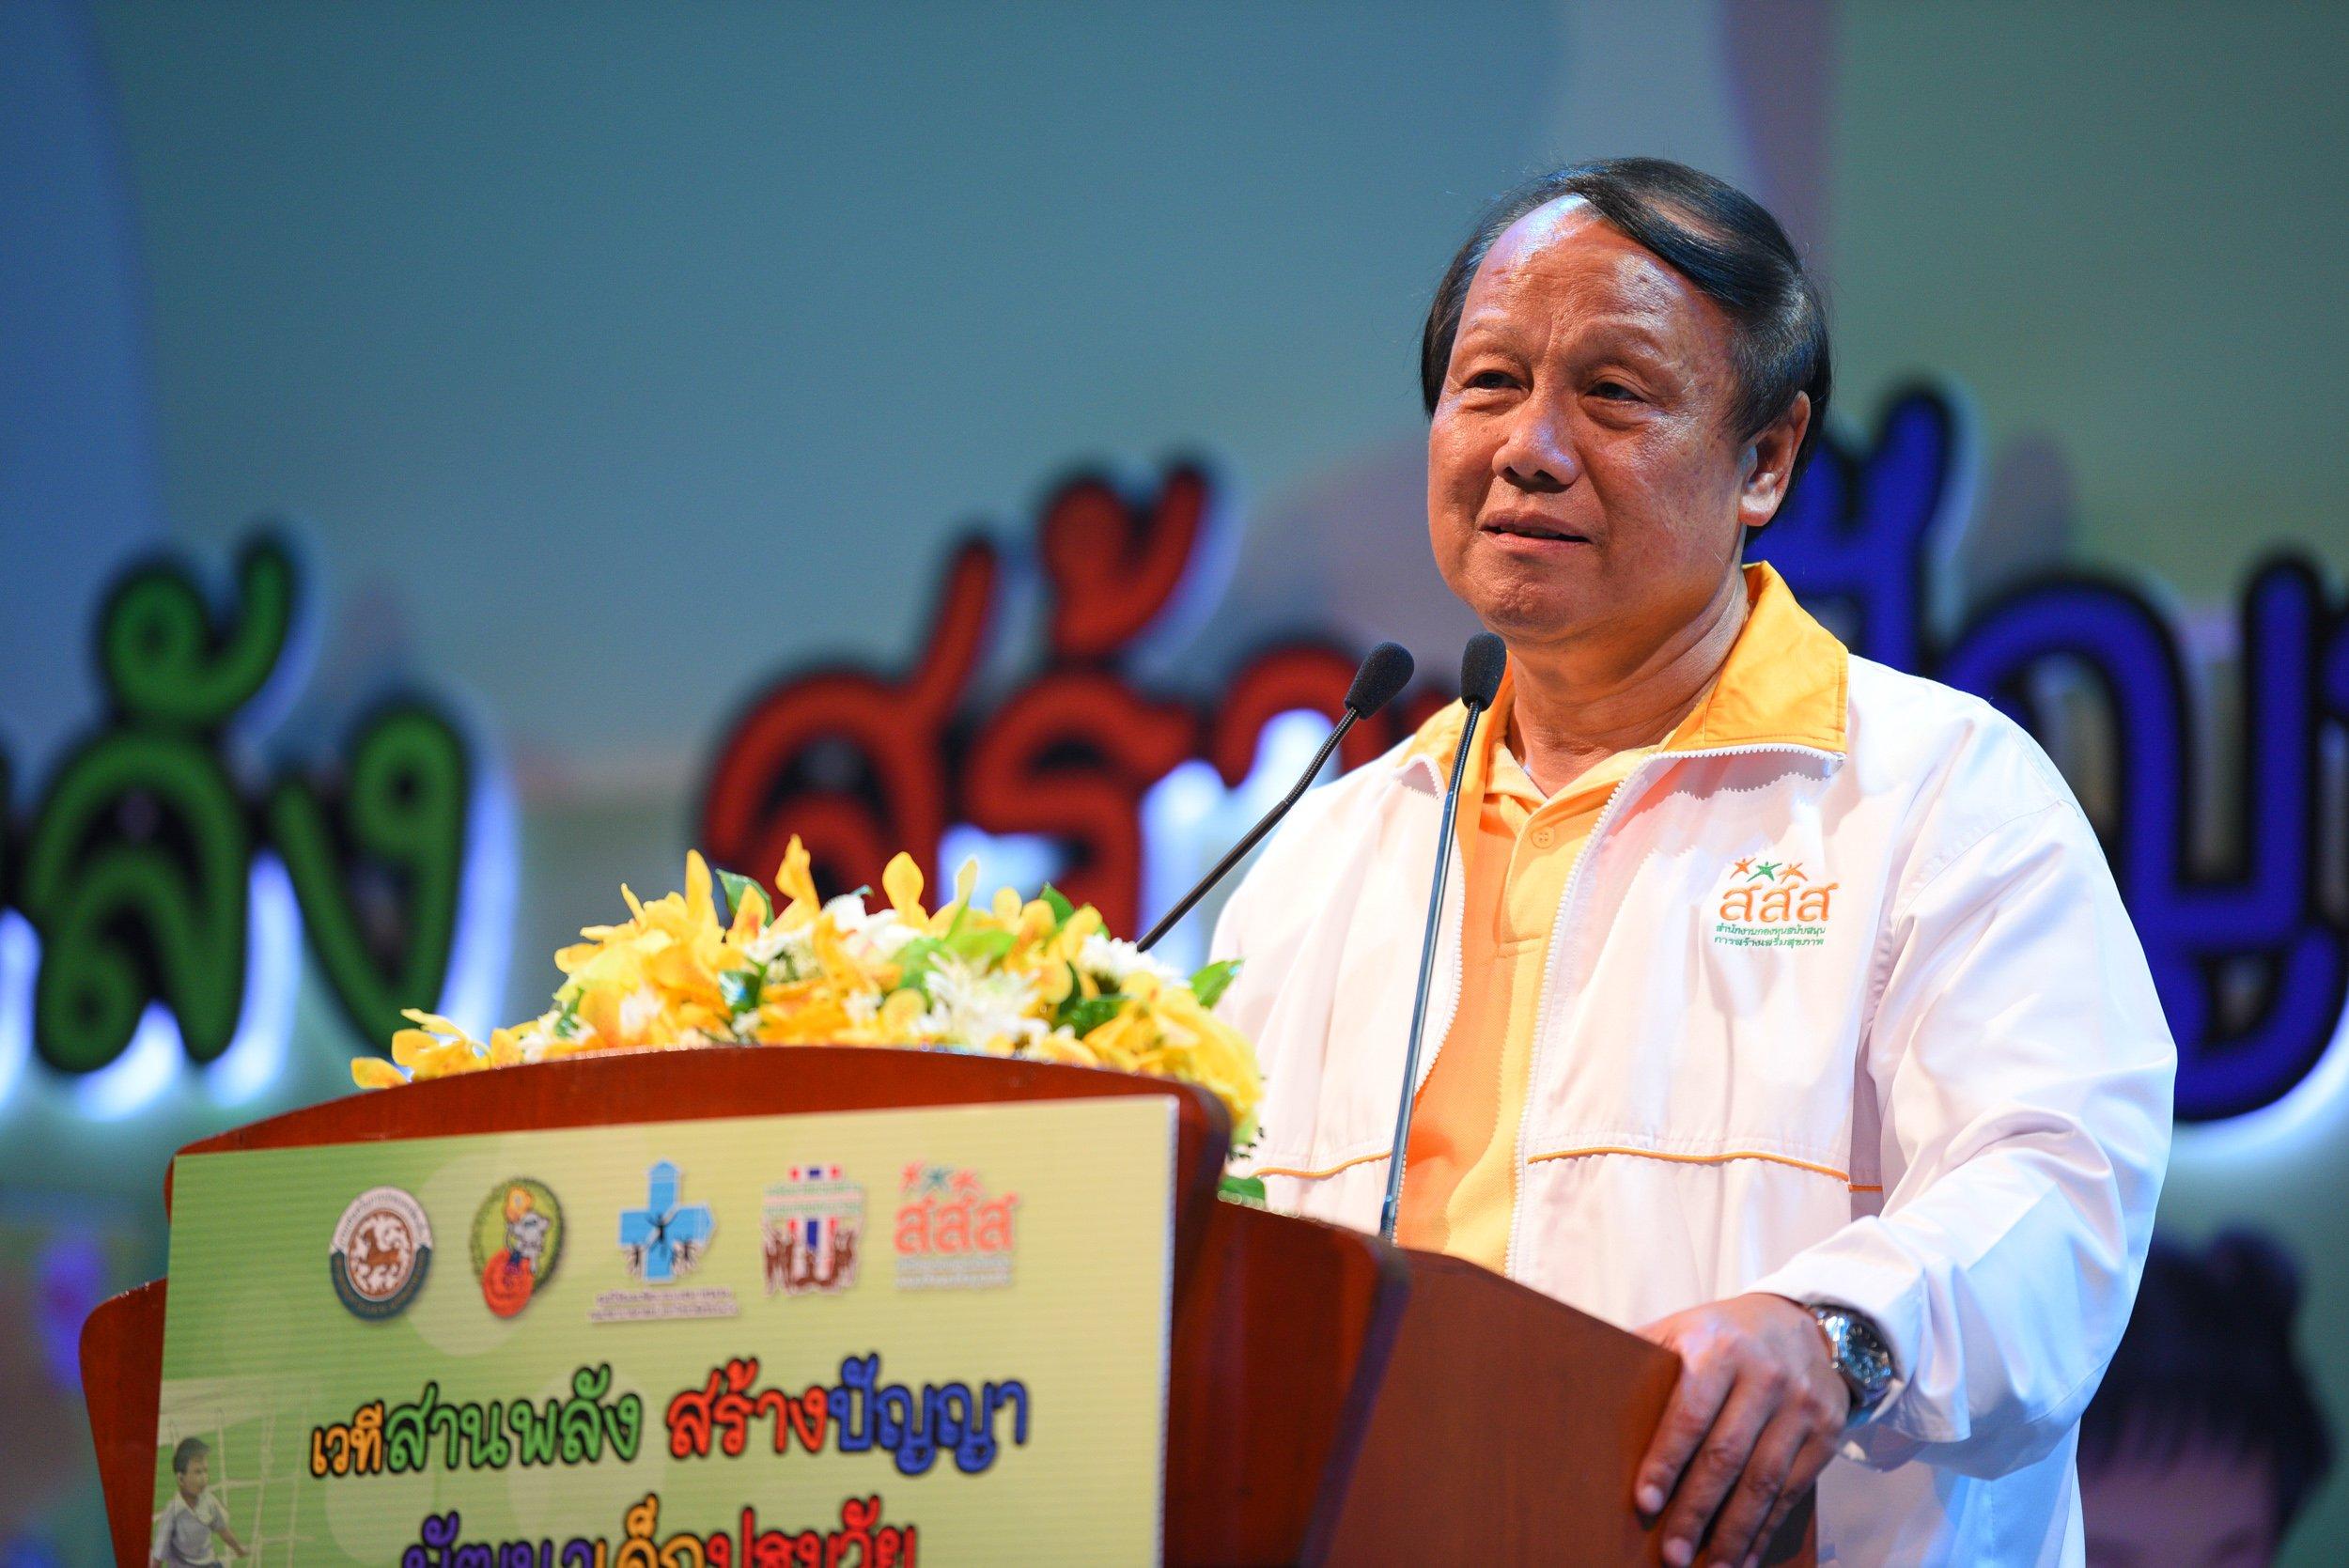 ยกเครื่องชุมชนสานพลังปั้นเด็กไทยทันโลก 4.0 thaihealth